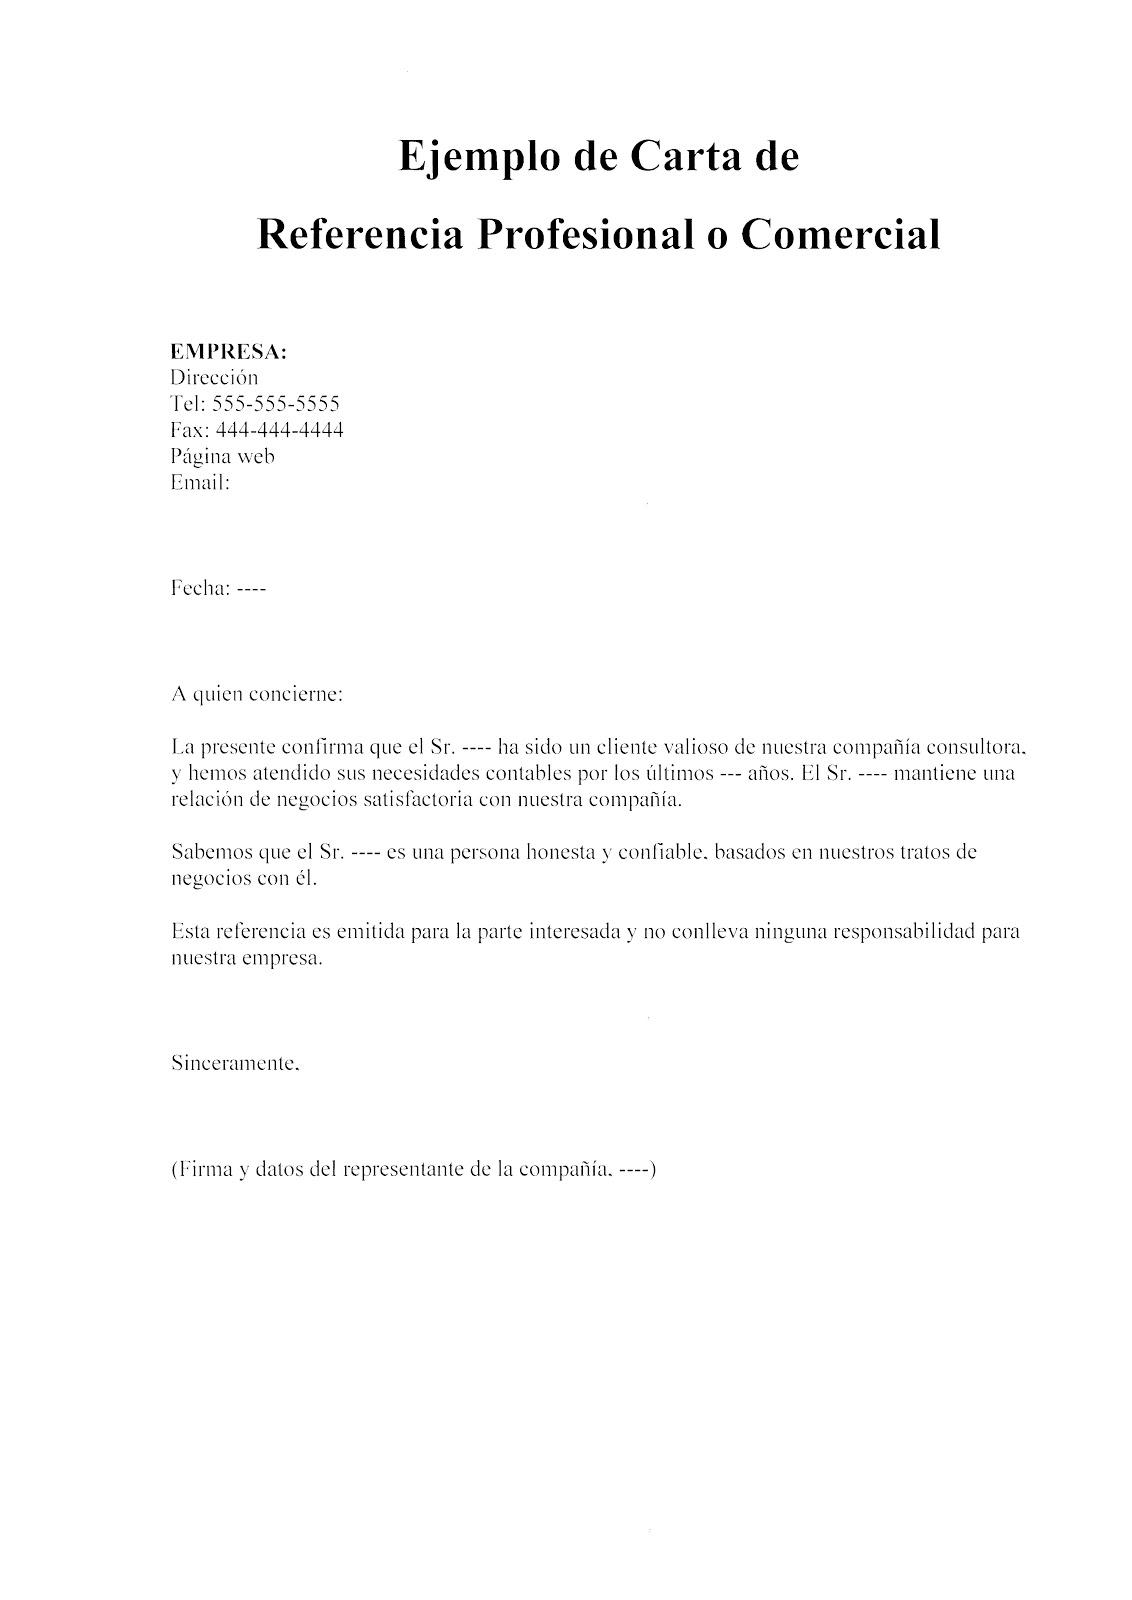 modelo de carta de referencia comercial